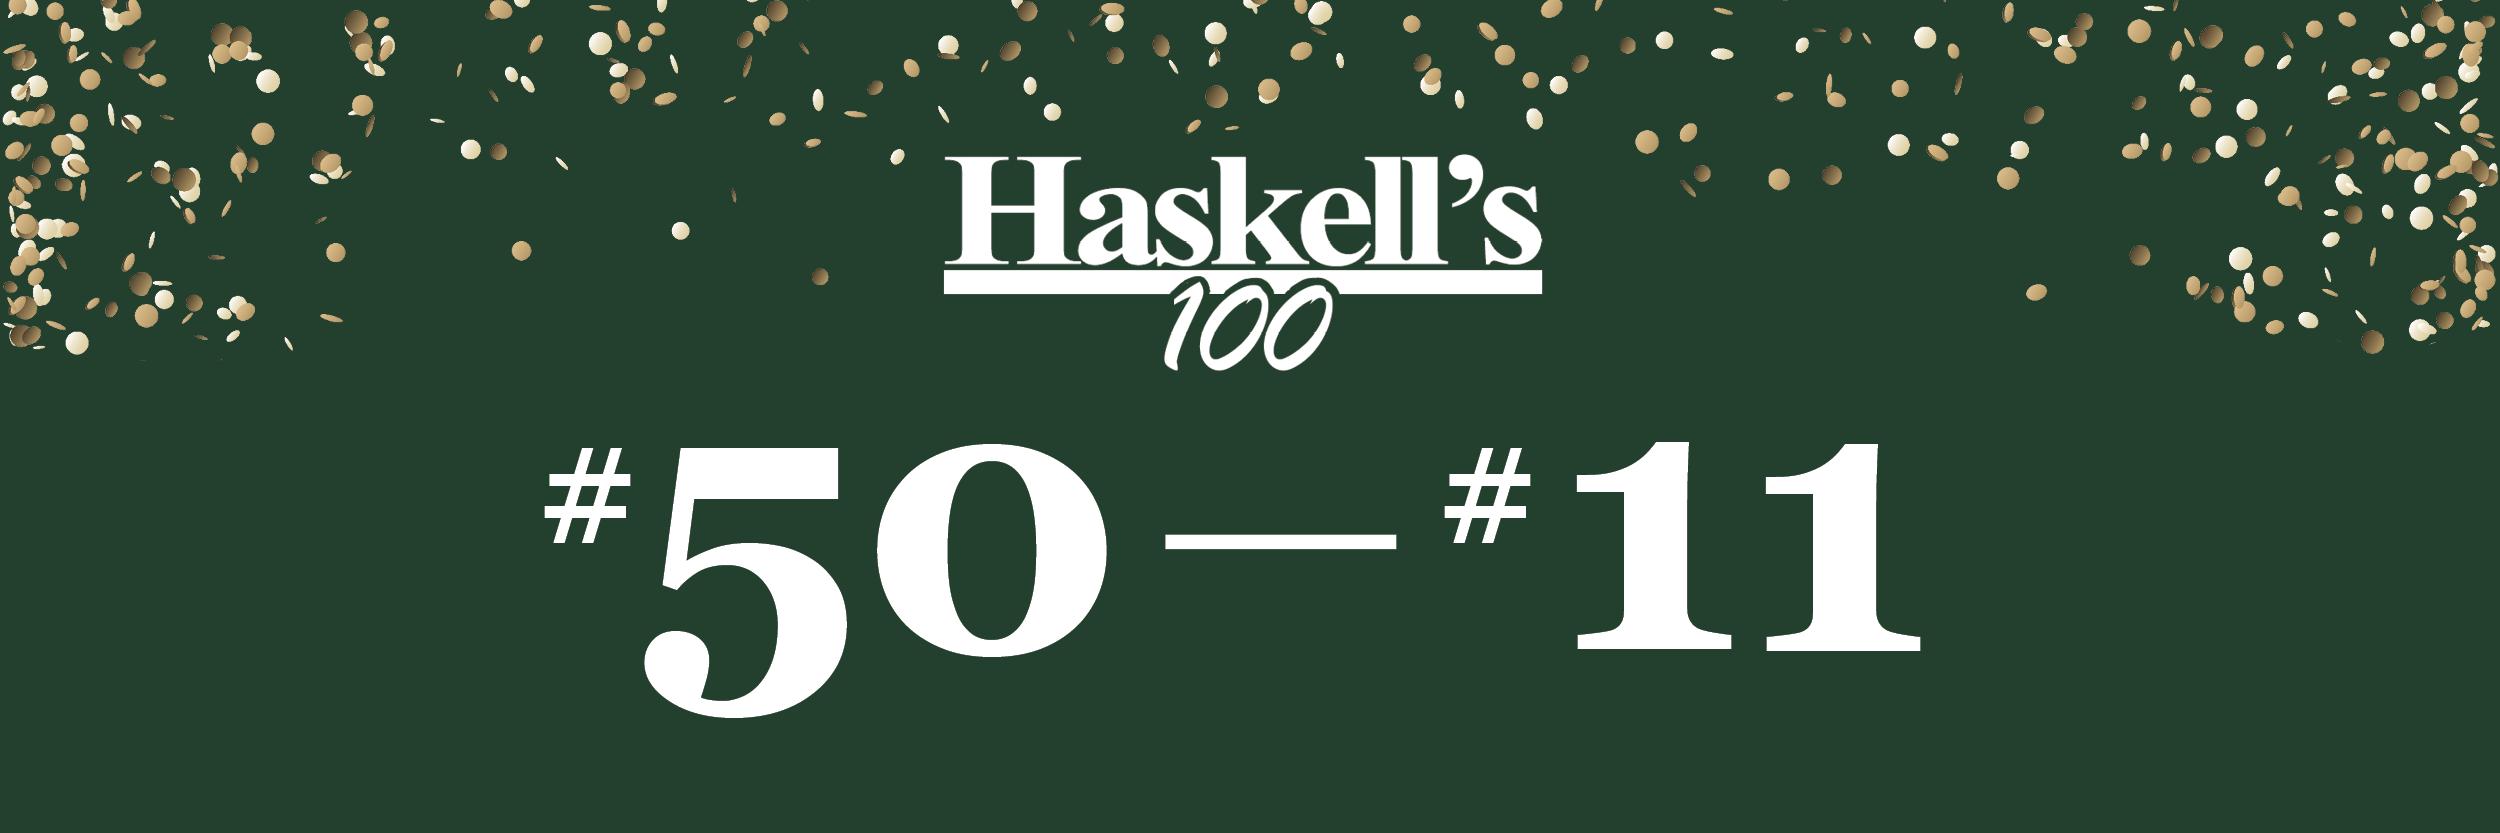 Haskells 100 LP banner_2